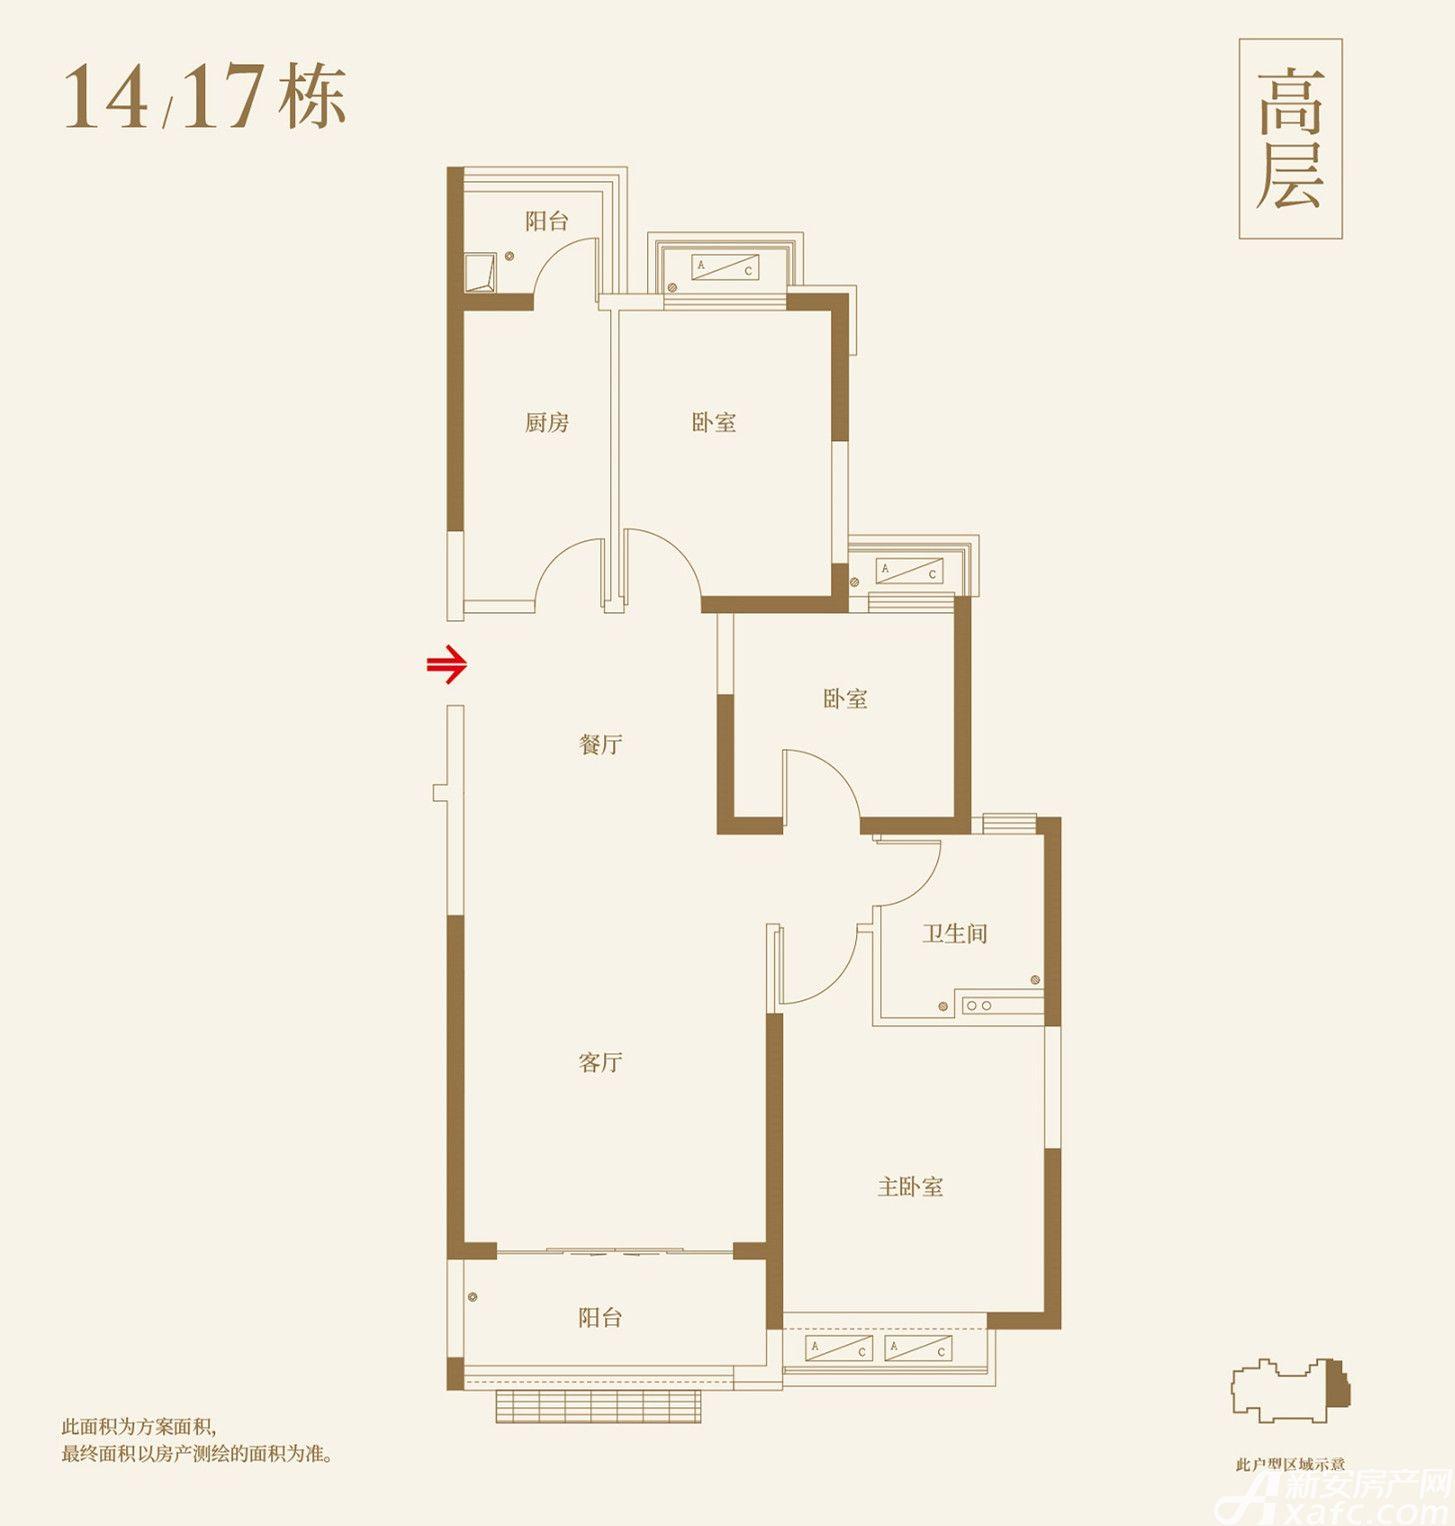 恒大御府14、17#D3室2厅101.77平米